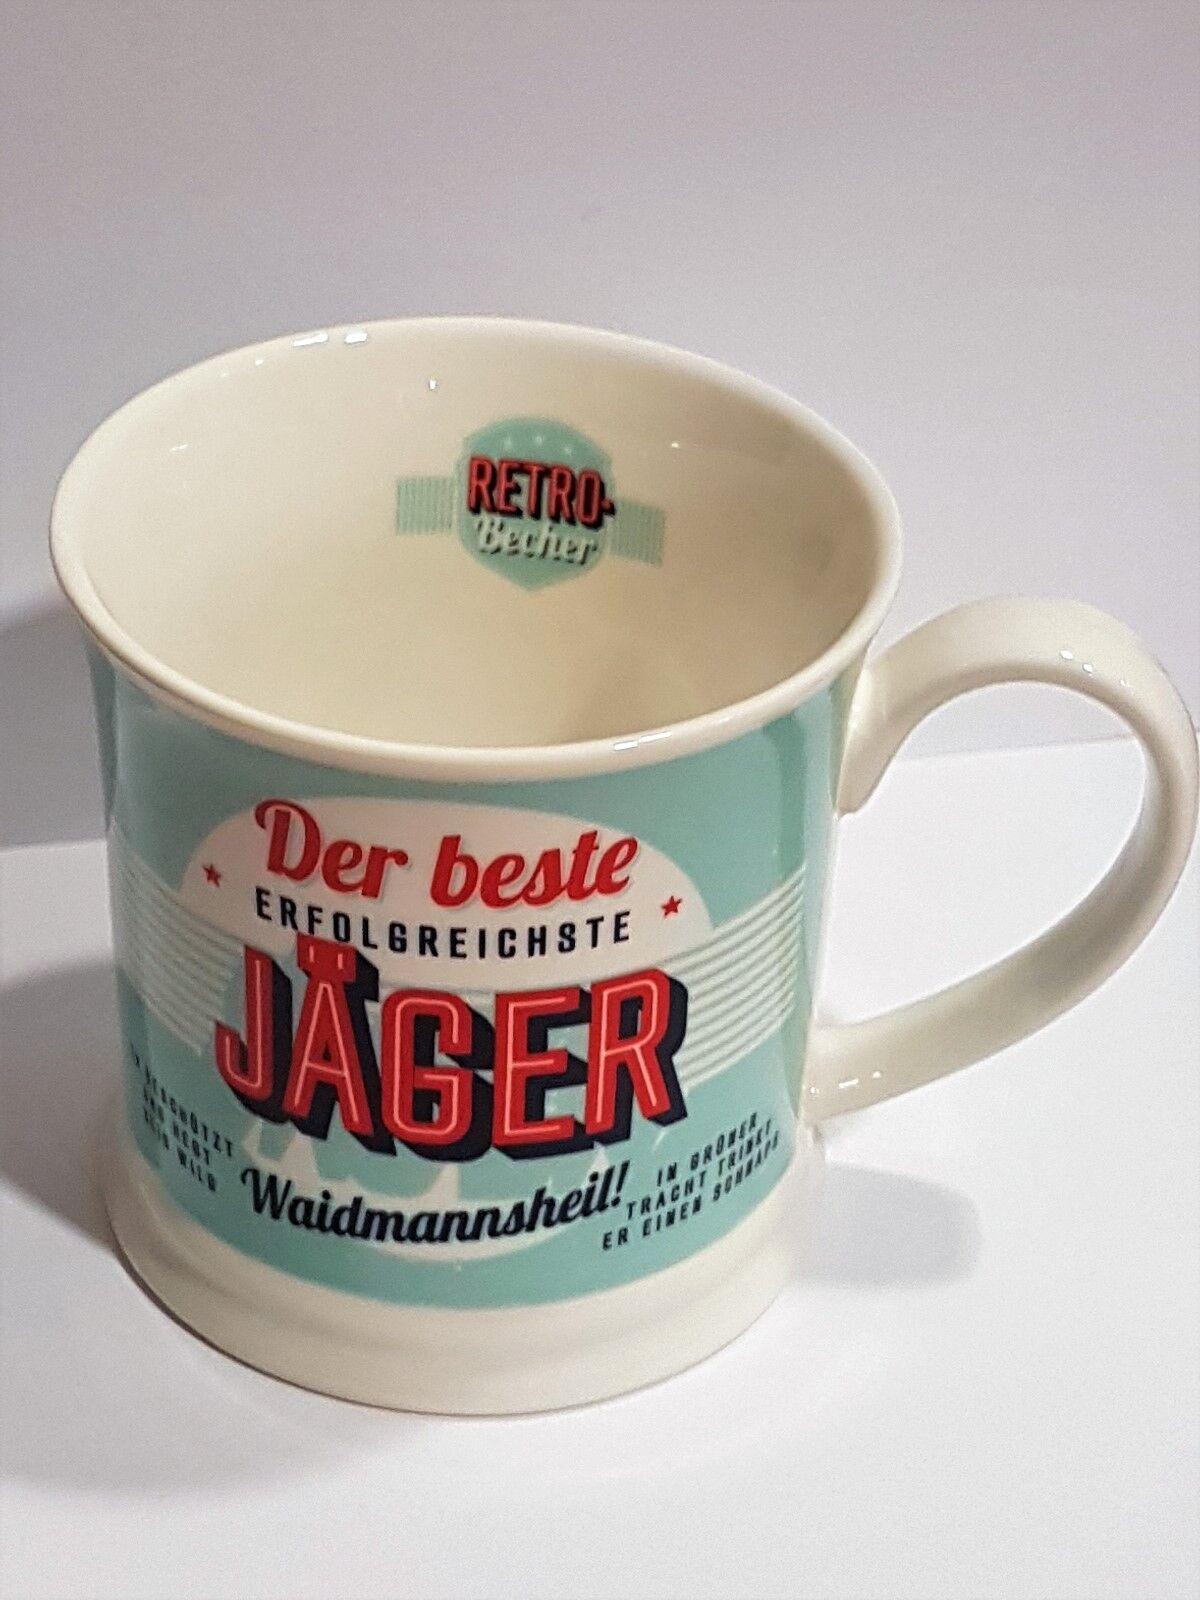 Jäger Becher DER BESTE JÄGER Jagd Retrobecher Kaffeebecher von GlasXpert